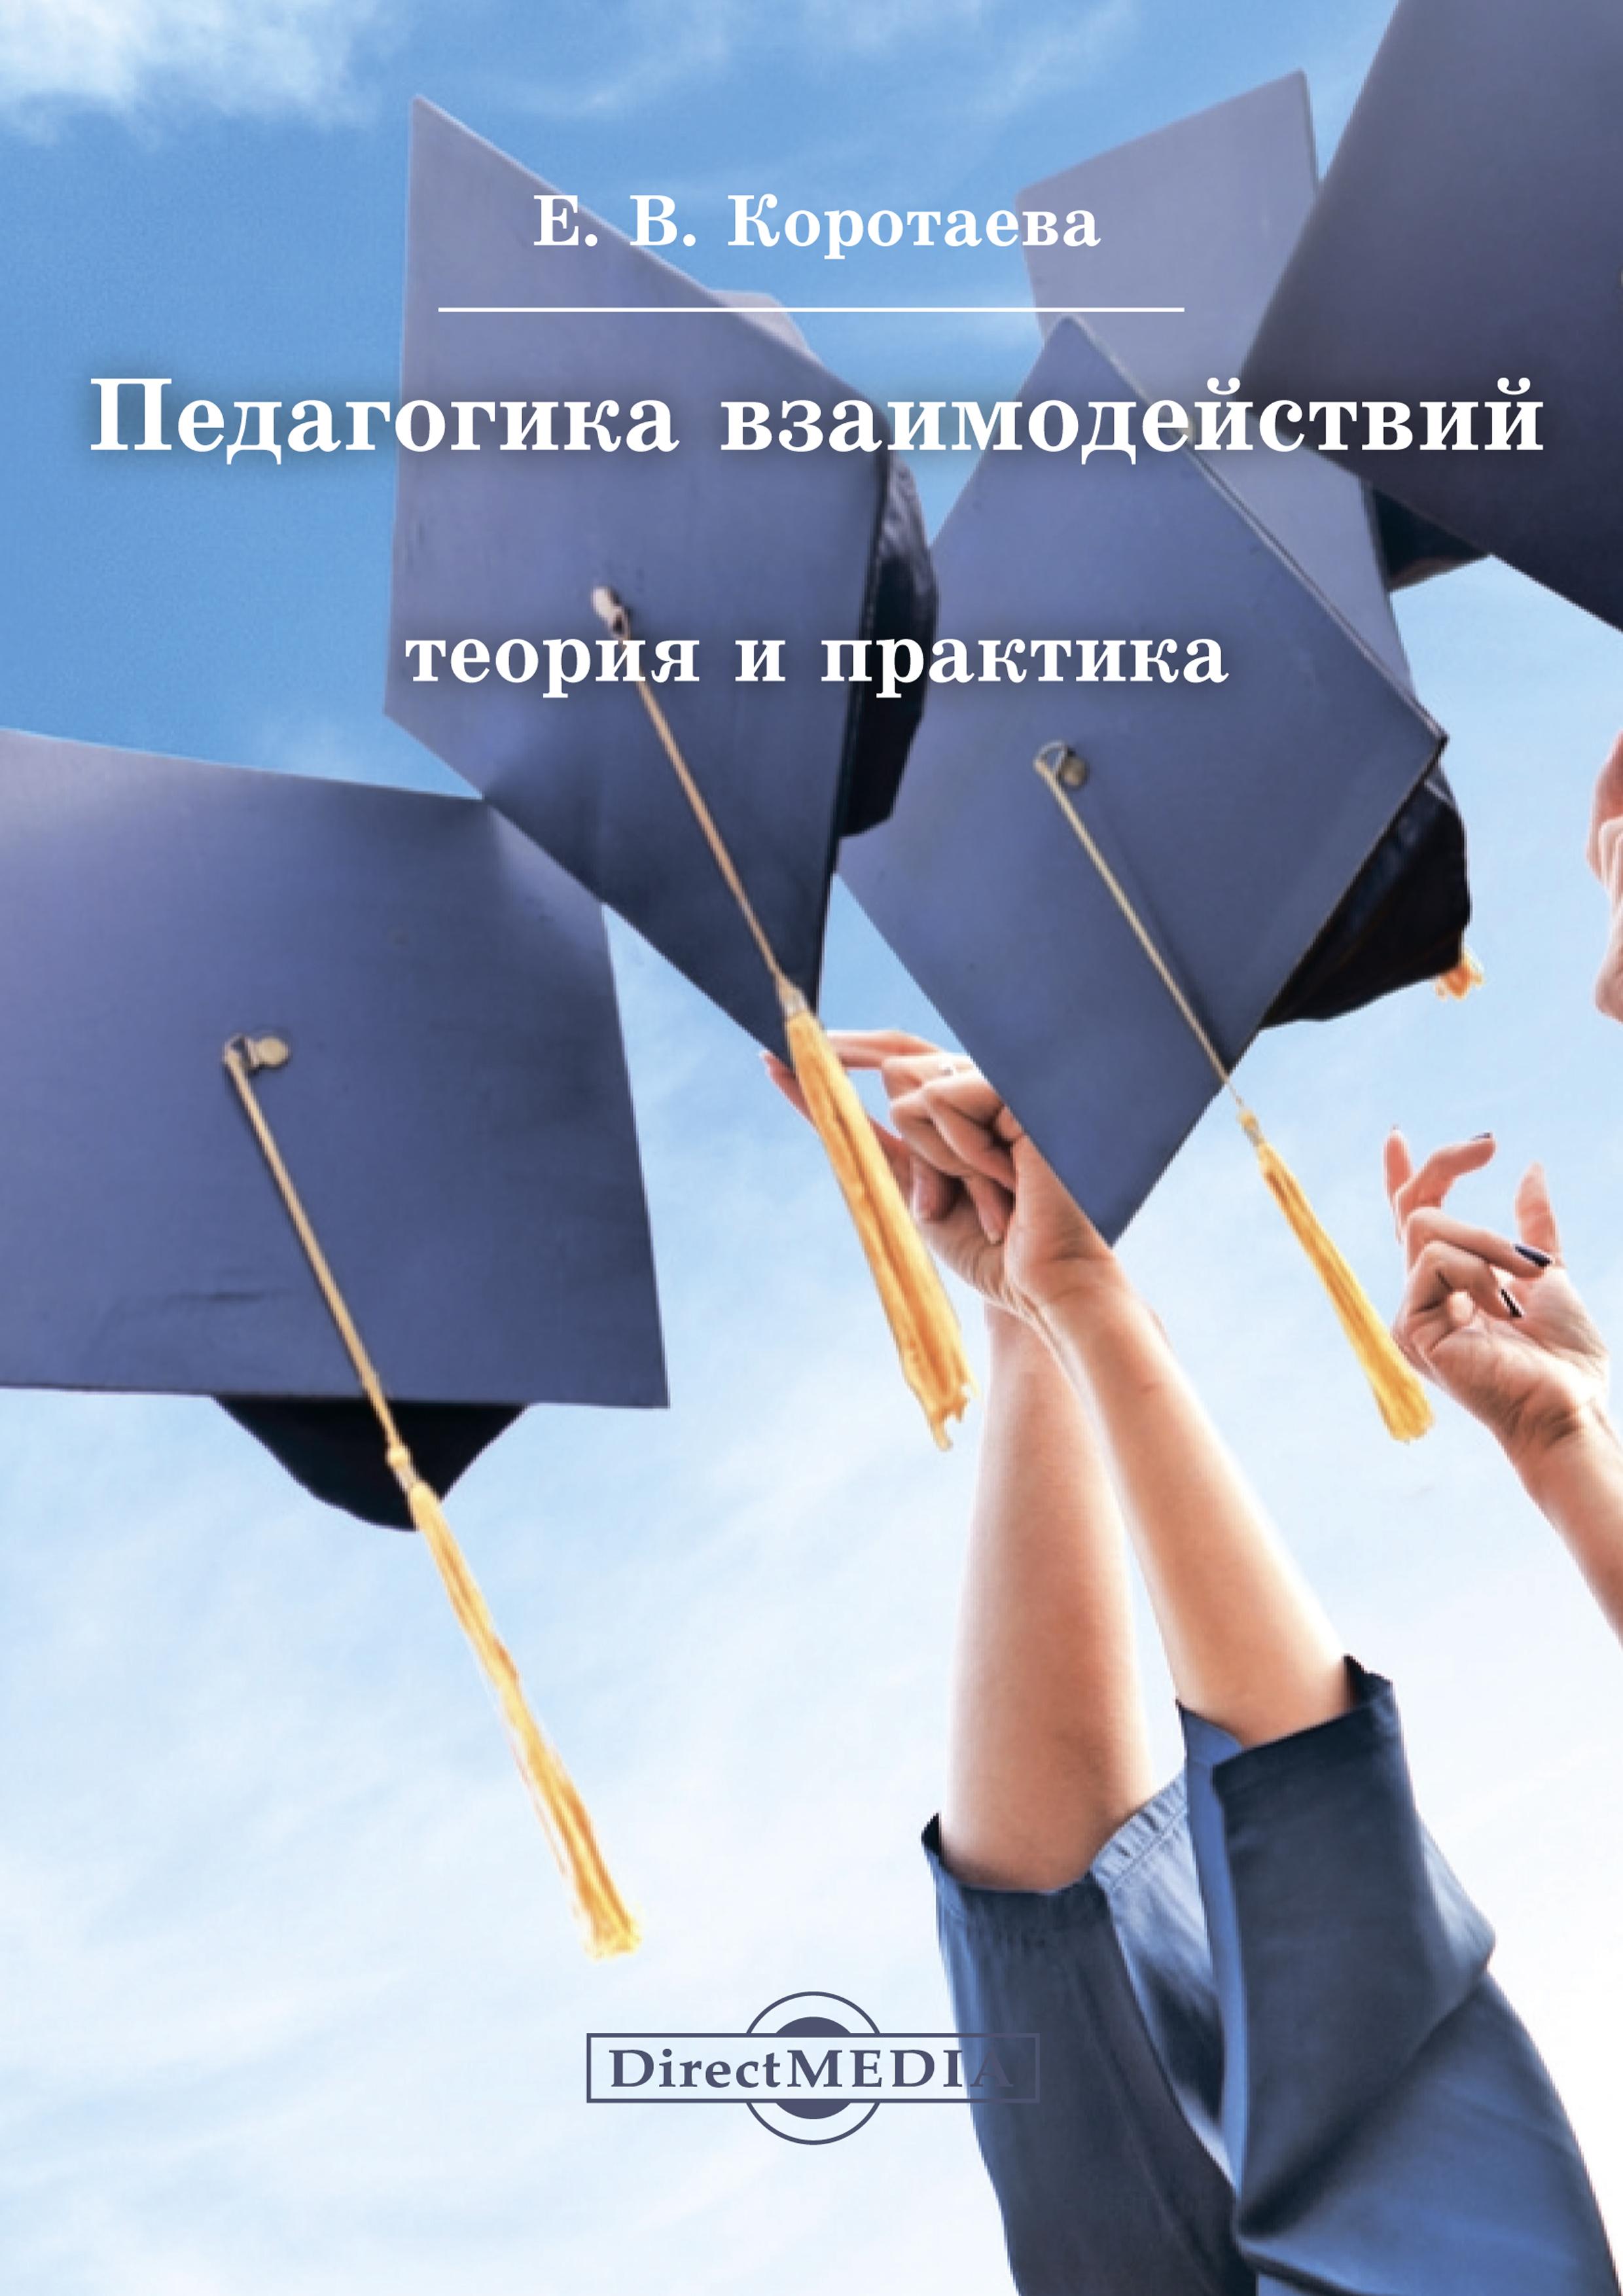 Евгения Коротаева Педагогика взаимодействий. Теория и практика